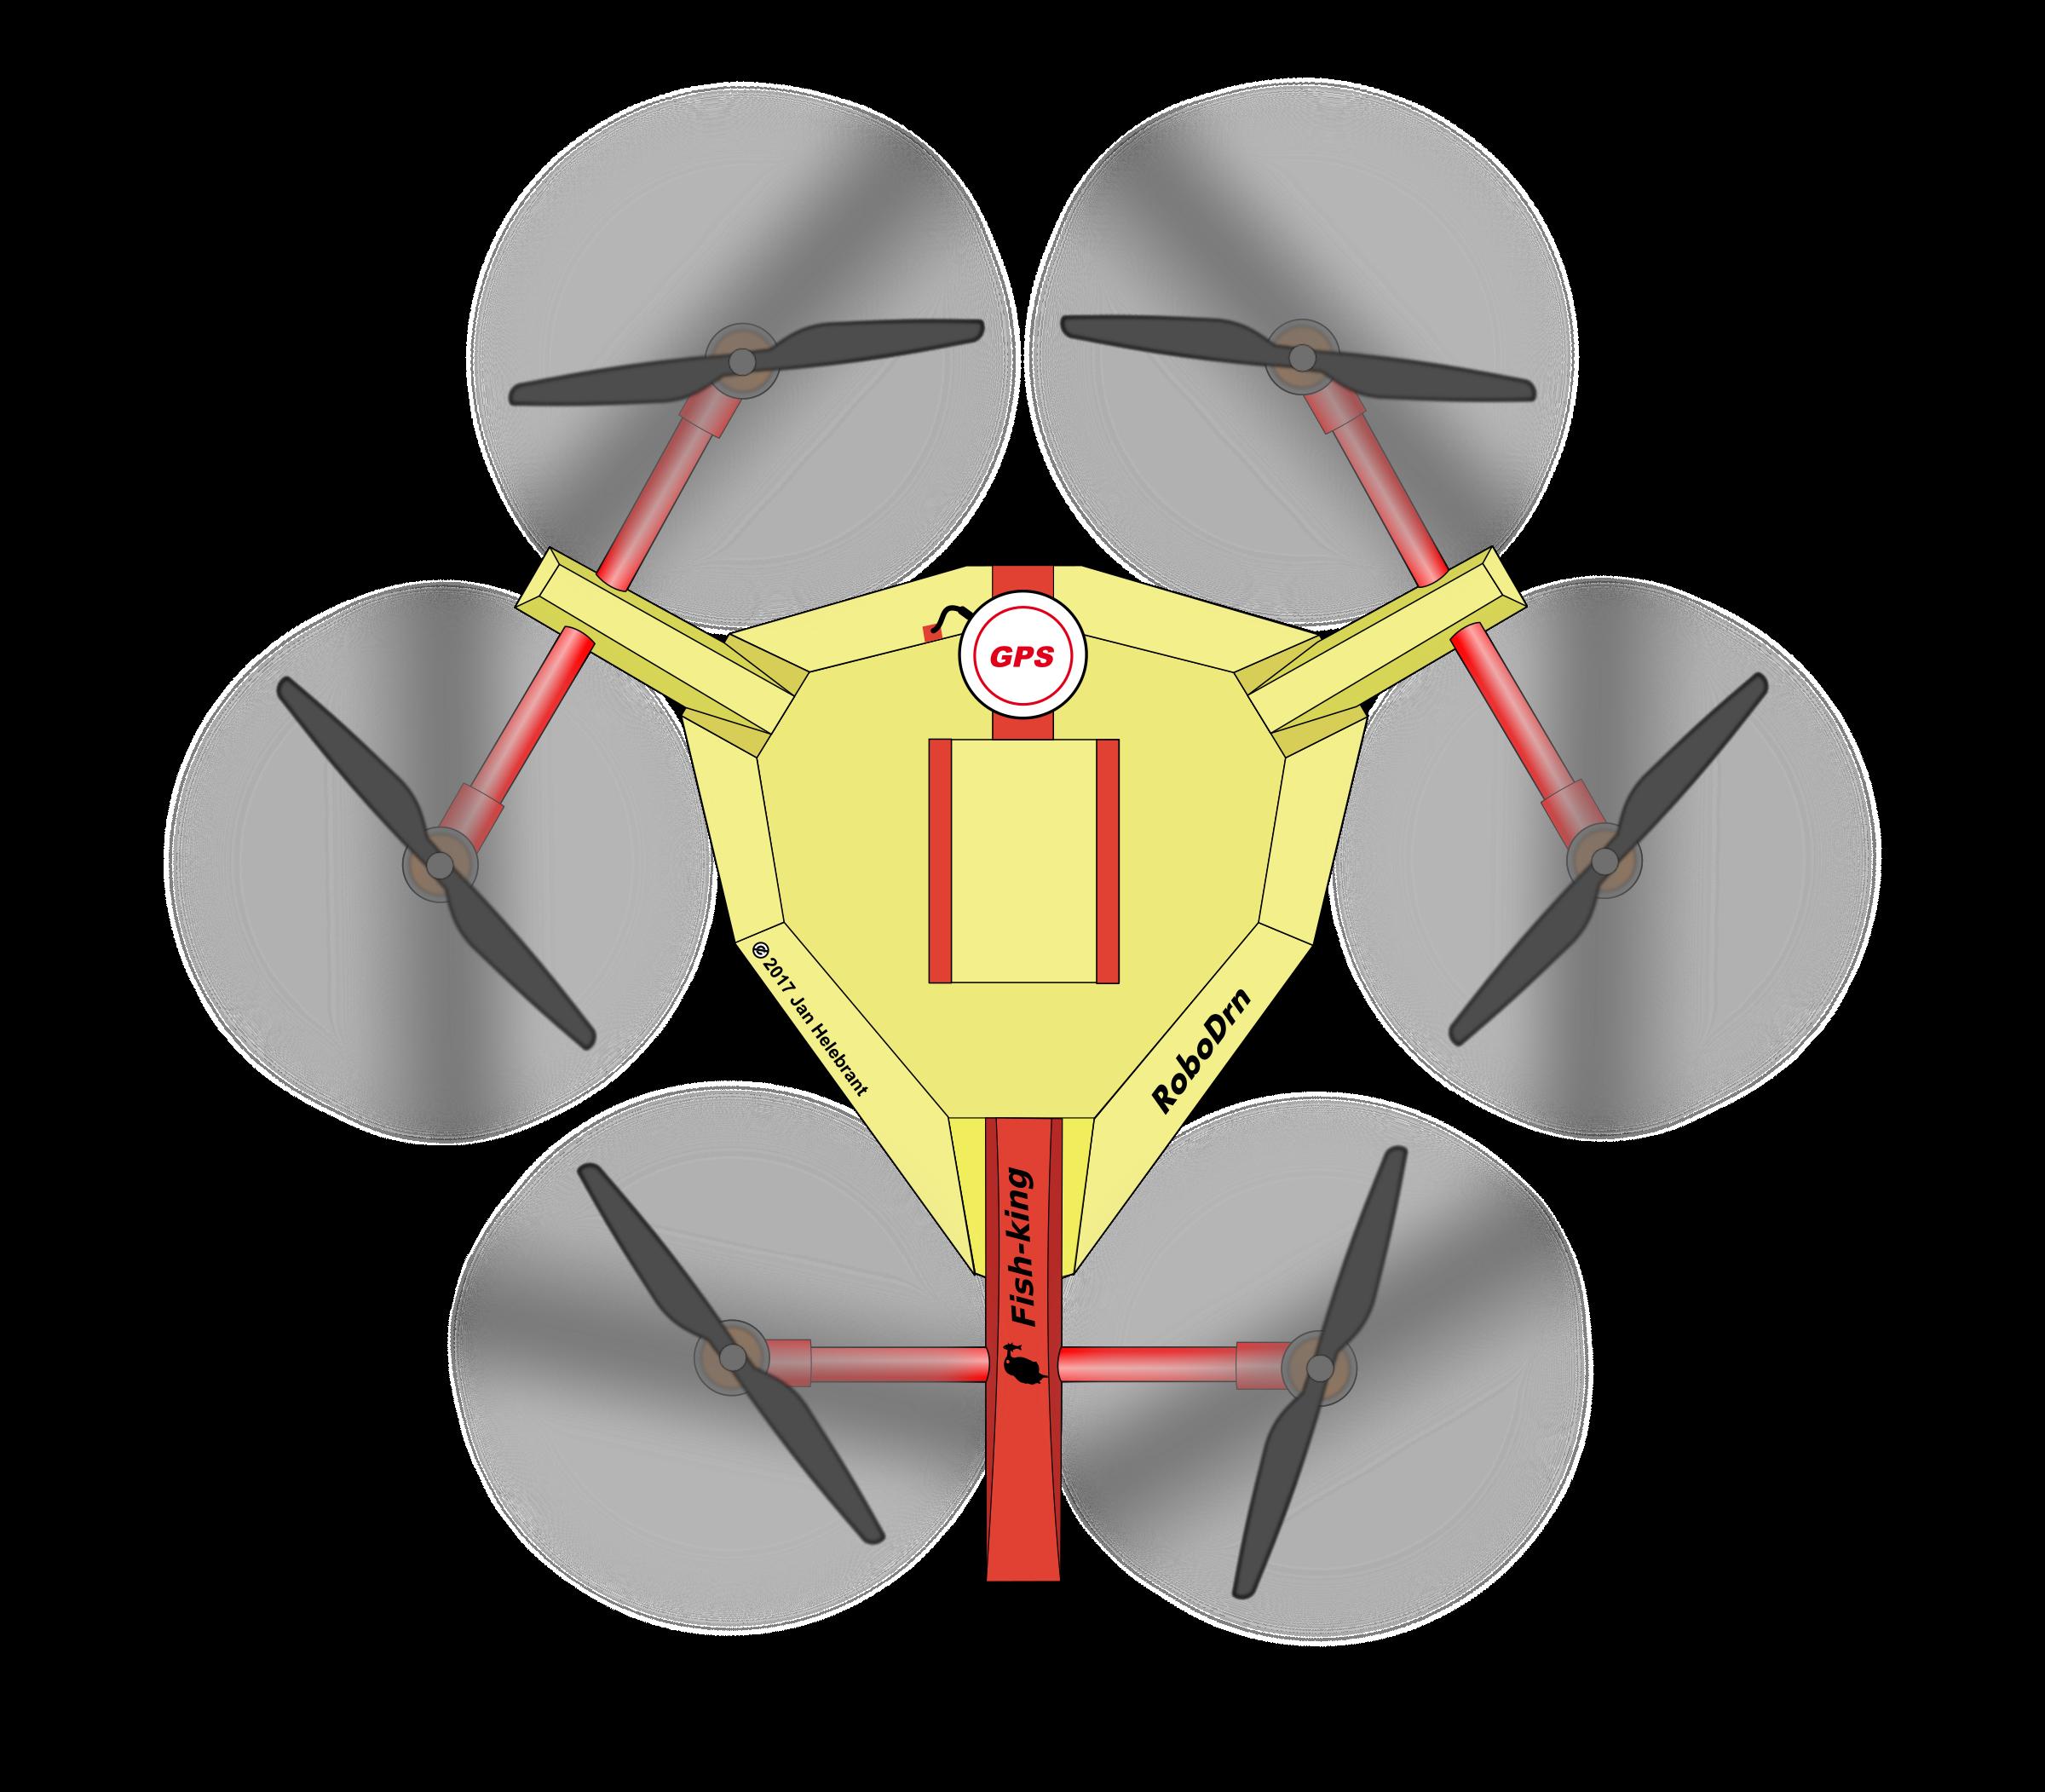 Drone clipart icon vector, Picture #965440 drone clipart.